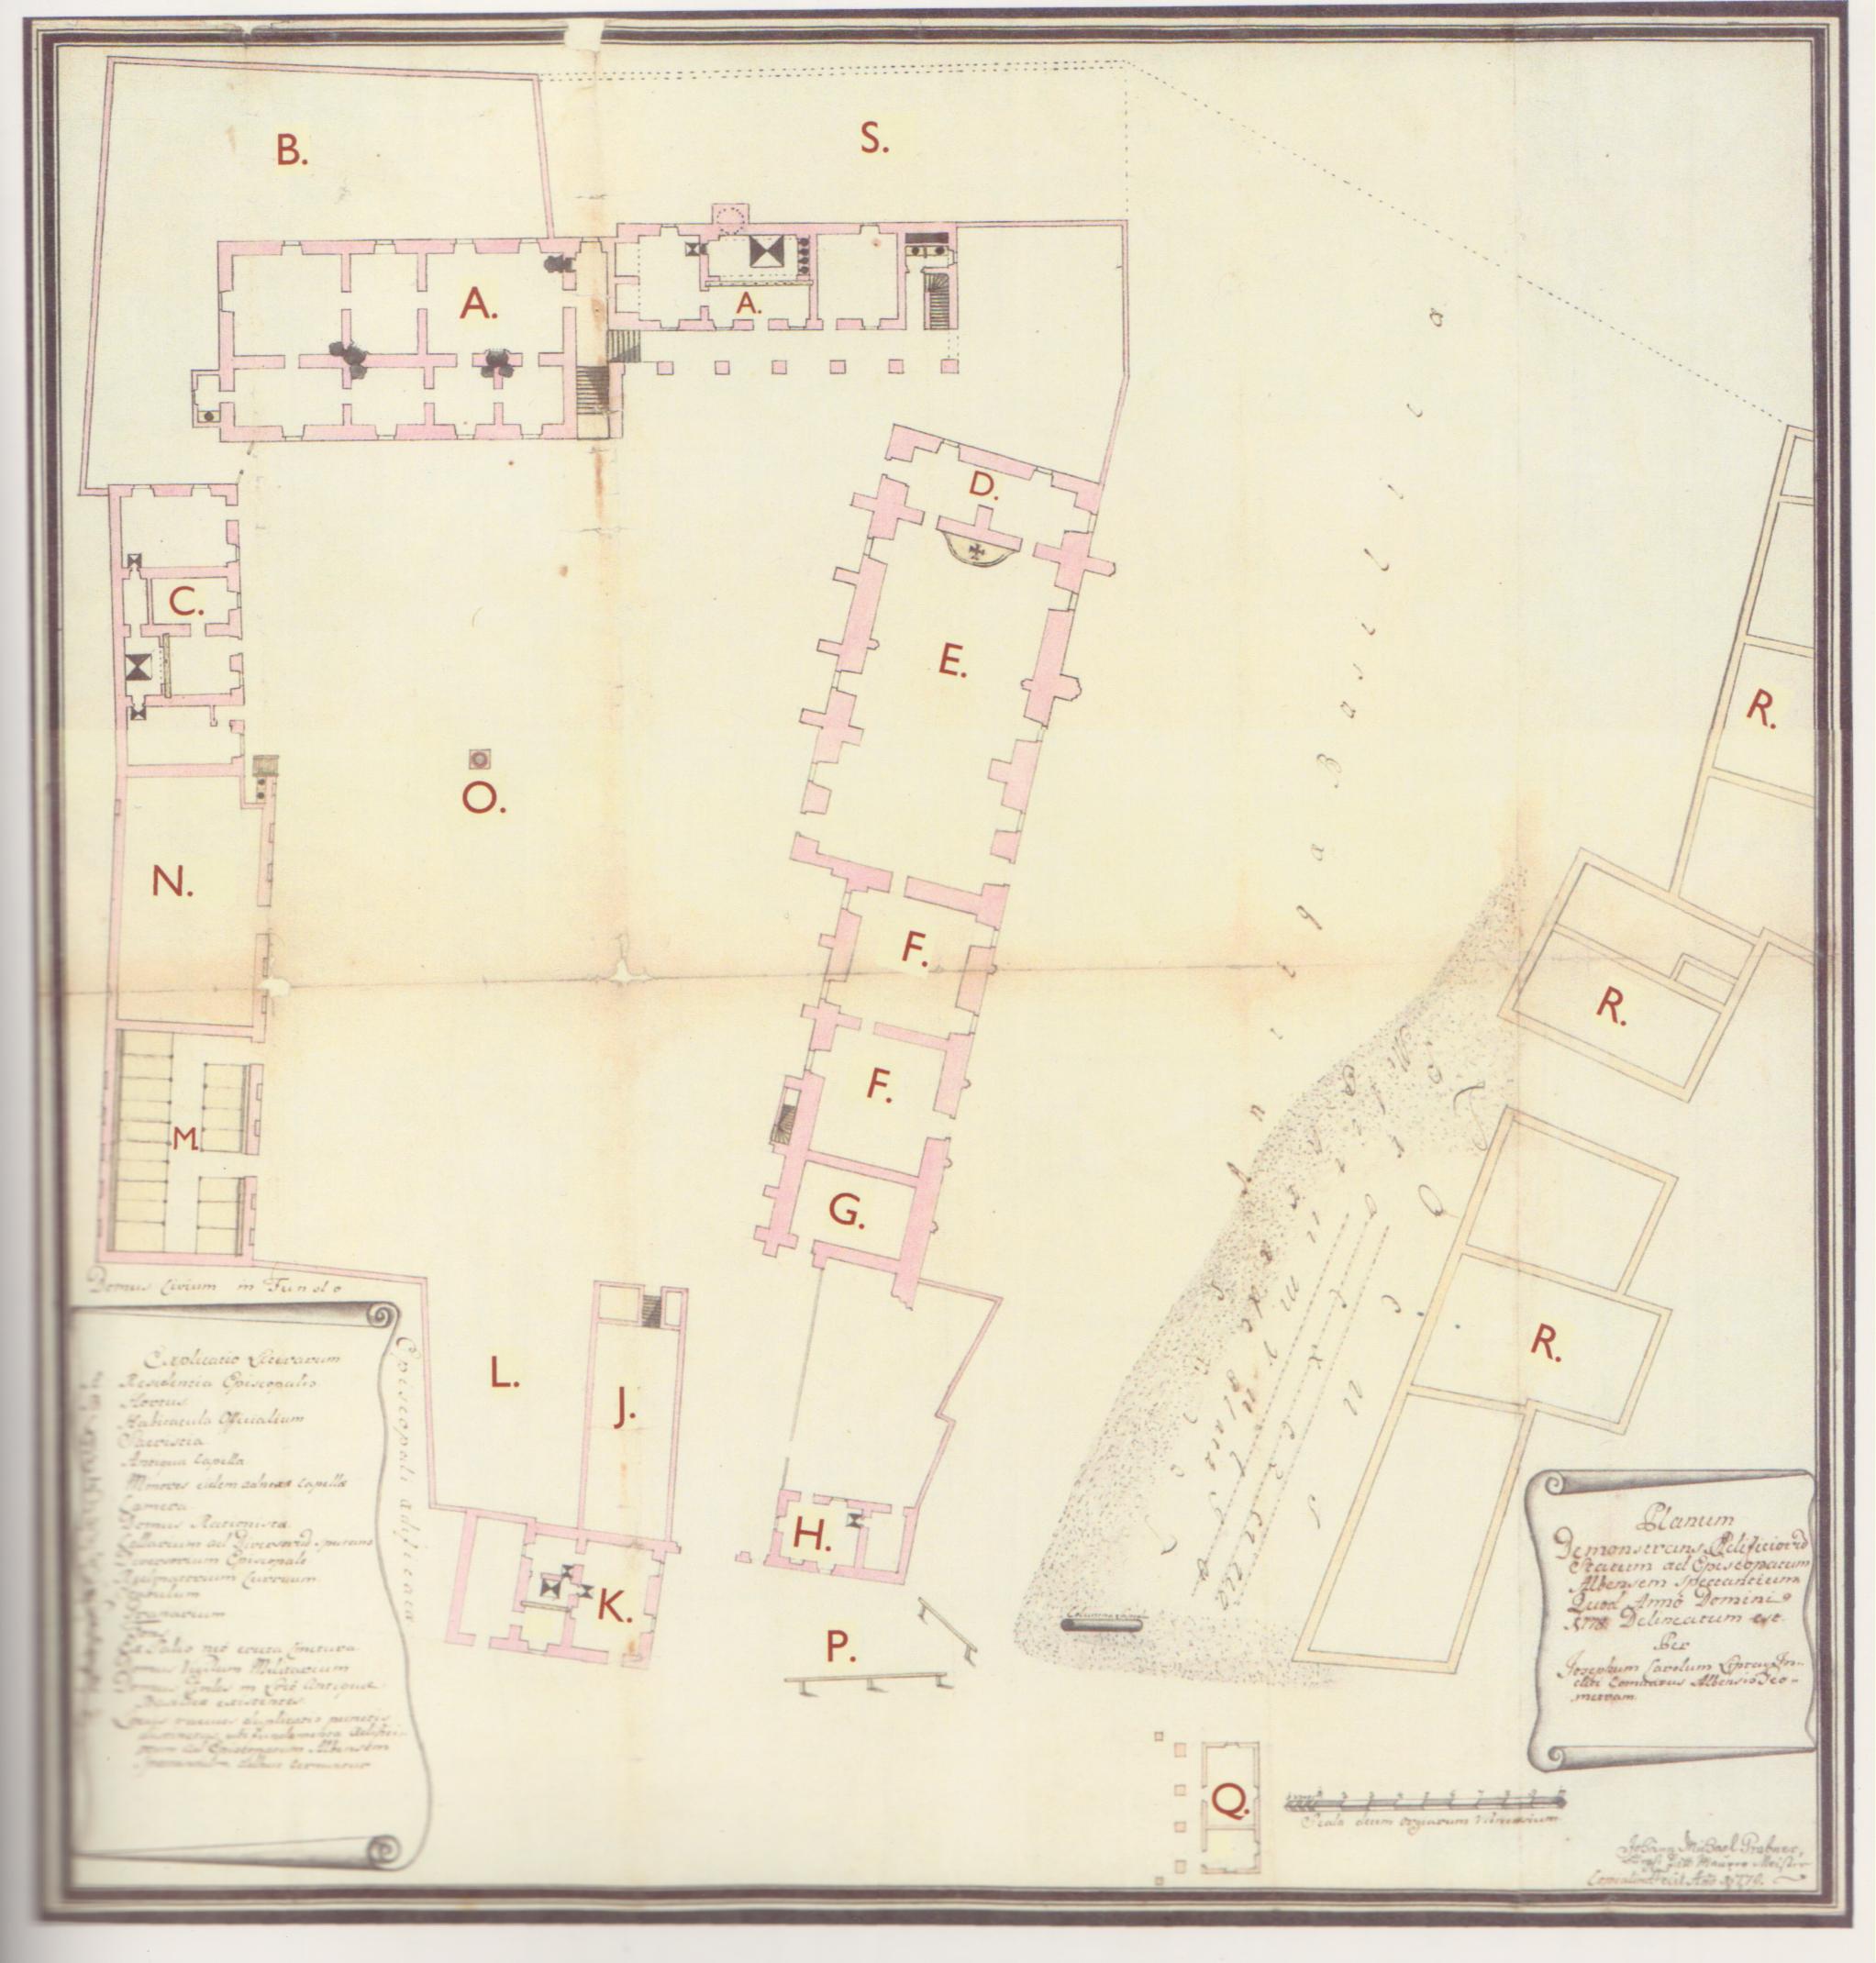 Alaprajzi felmérés a székesfehérvári bazilika maradványairól 1778-ból